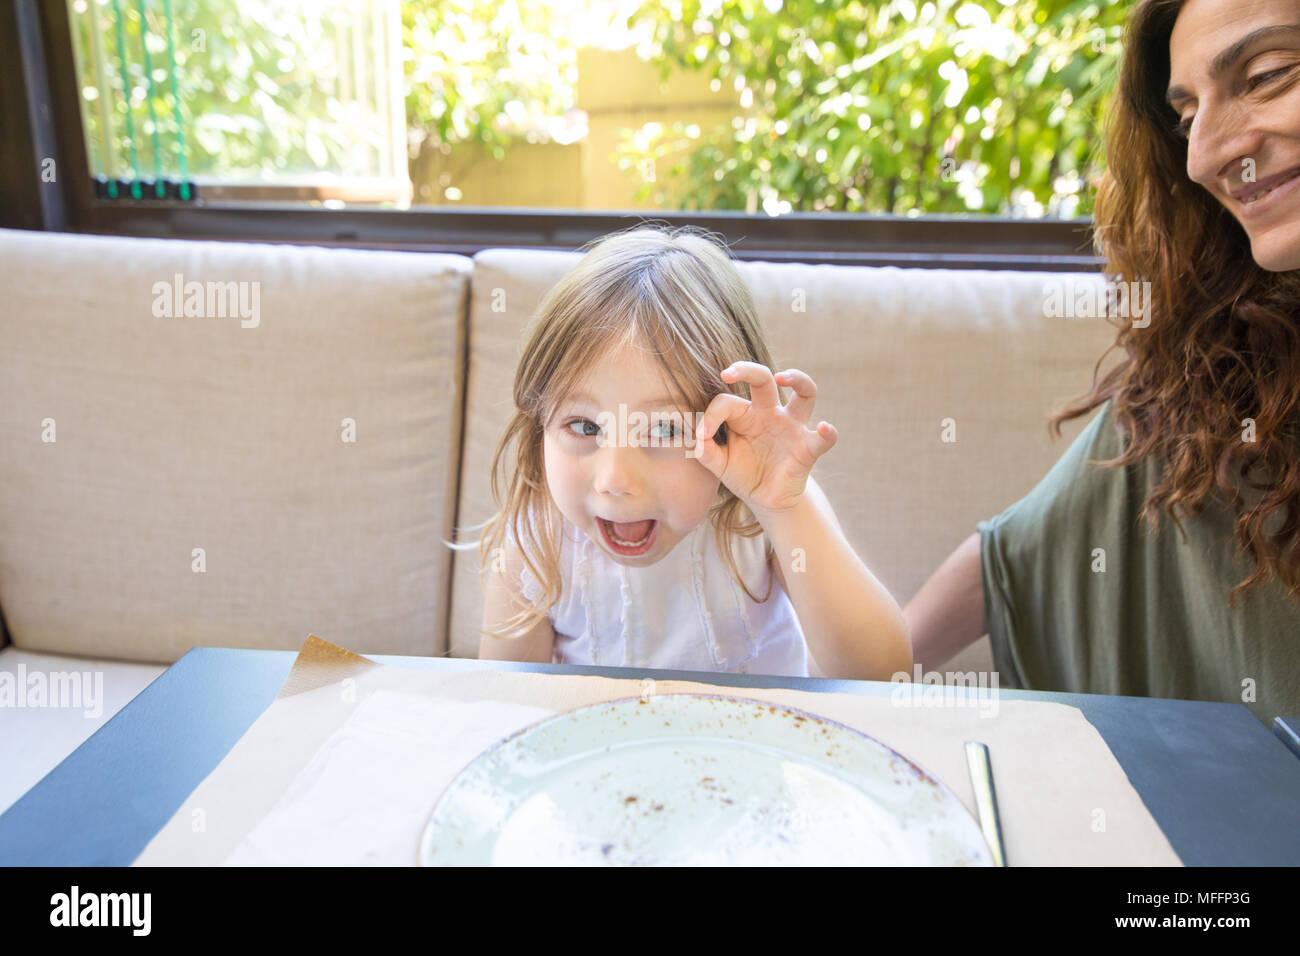 Lustige Ausdruck und Geste. Vier Jahre alter Blonde glückliches Mädchen necken und Grimassen neben Frau Mutter lächelnd sitzen im Restaurant Stockbild